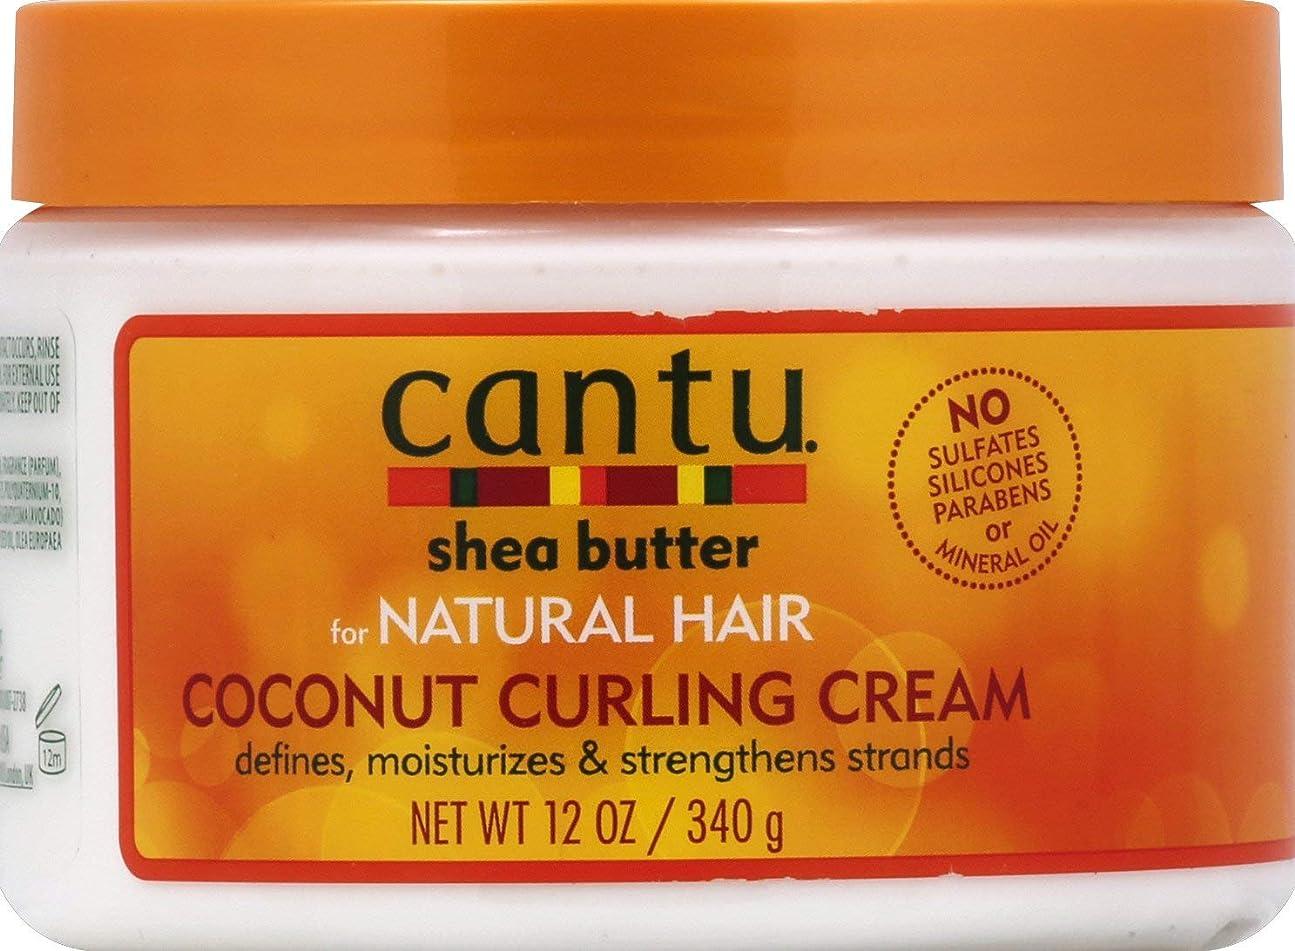 気をつけて南方の魔法Cantu Shea Butter for Natural Hair Coconut Curling Cream 340g